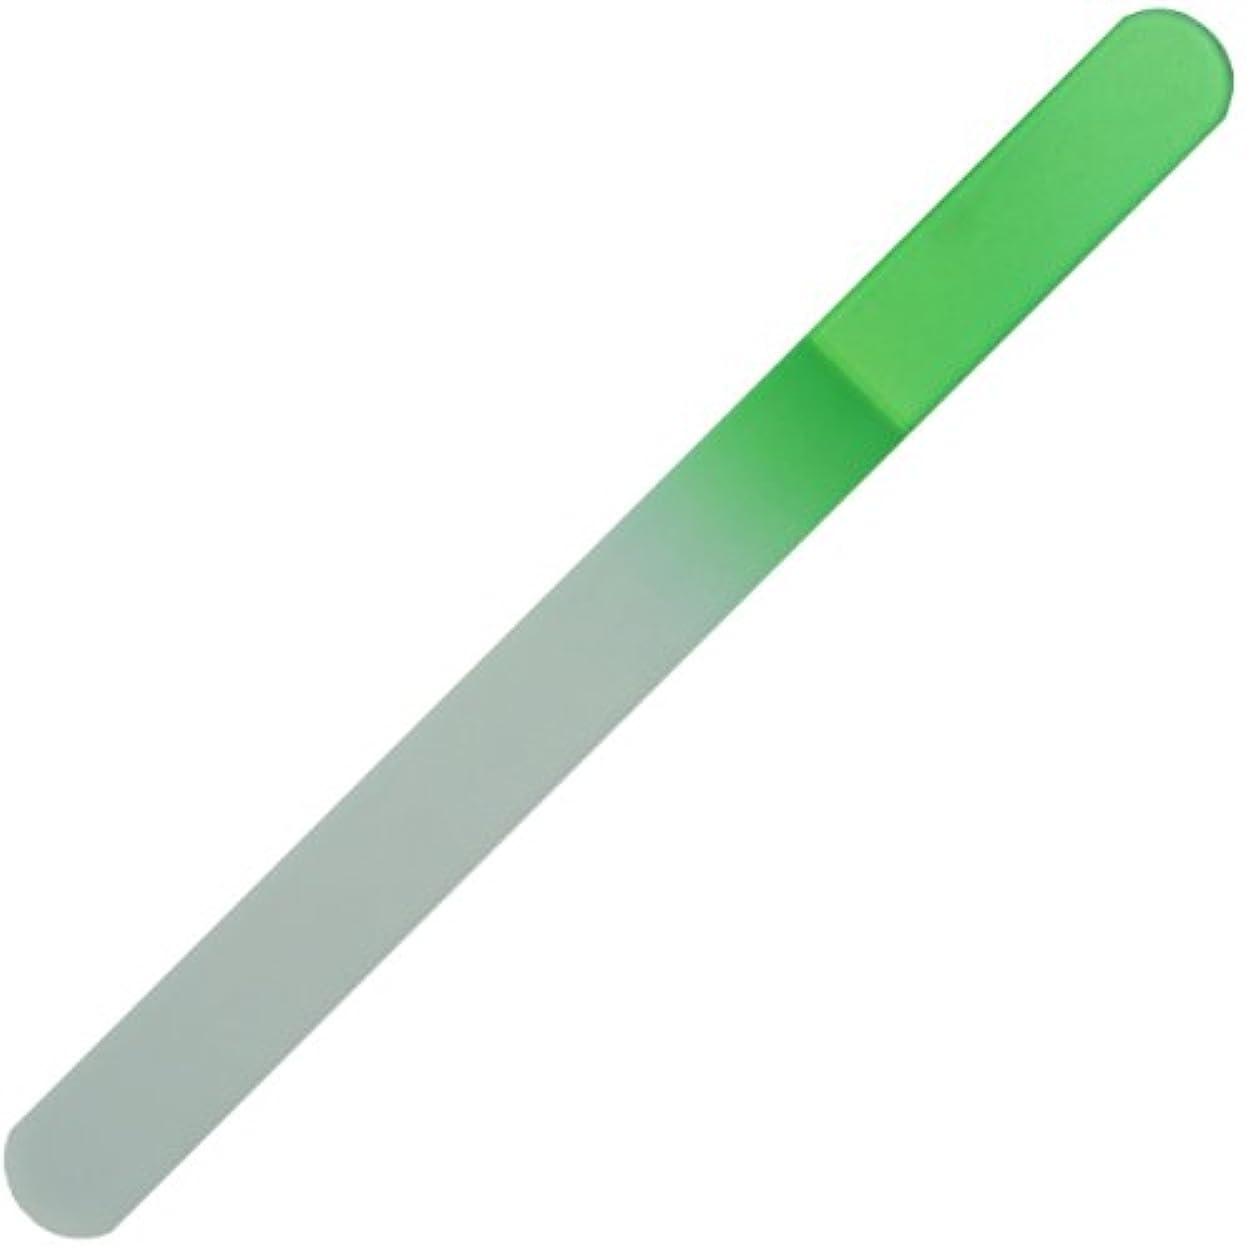 積極的にホイップ博覧会チェコ の職人が仕上げた ガラス製 爪やすり 135mm 両面タイプ グリーン  (透明ソフトケース入り)